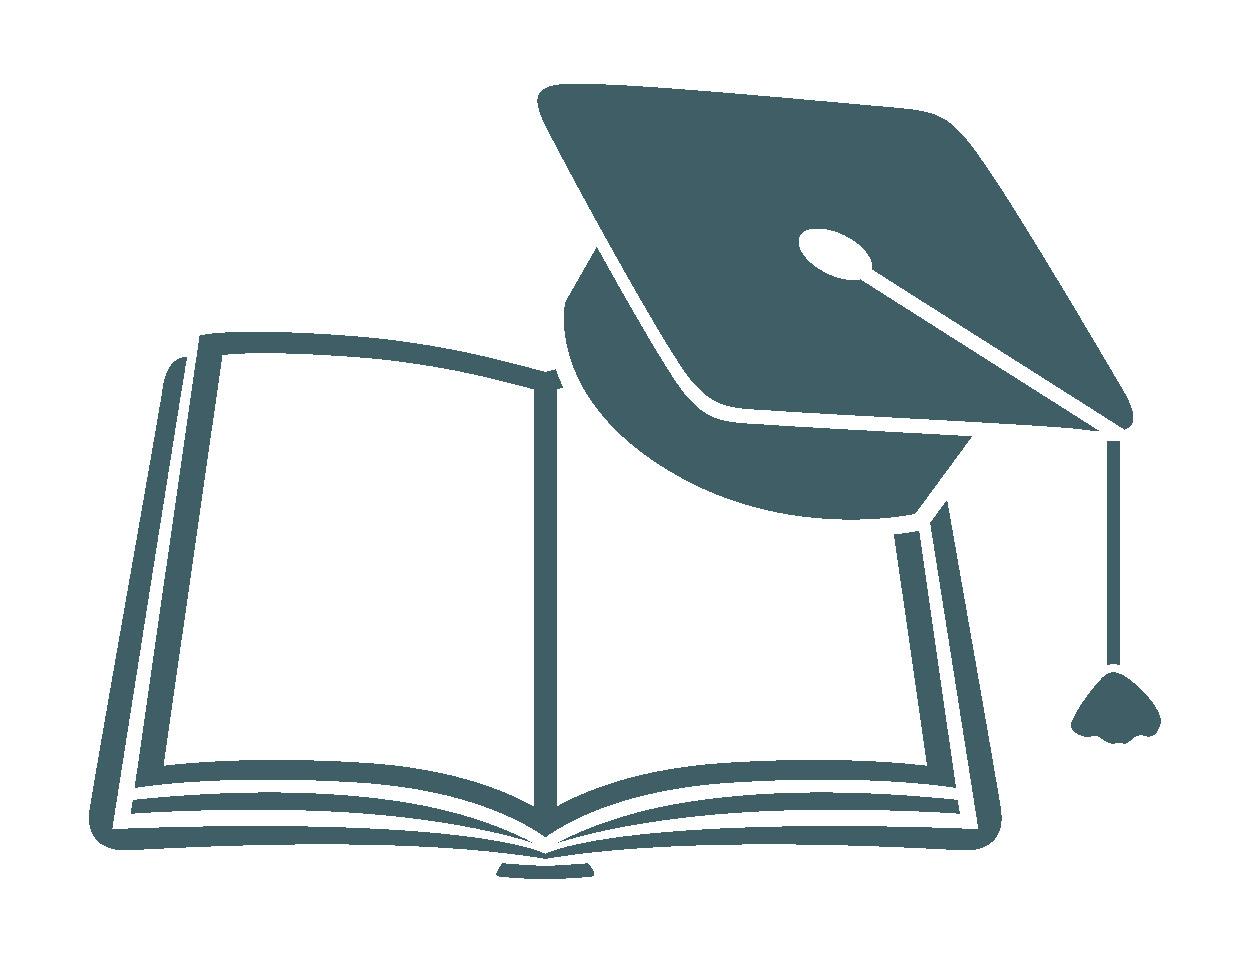 1312.i017.007.S.m001.c10.education icon